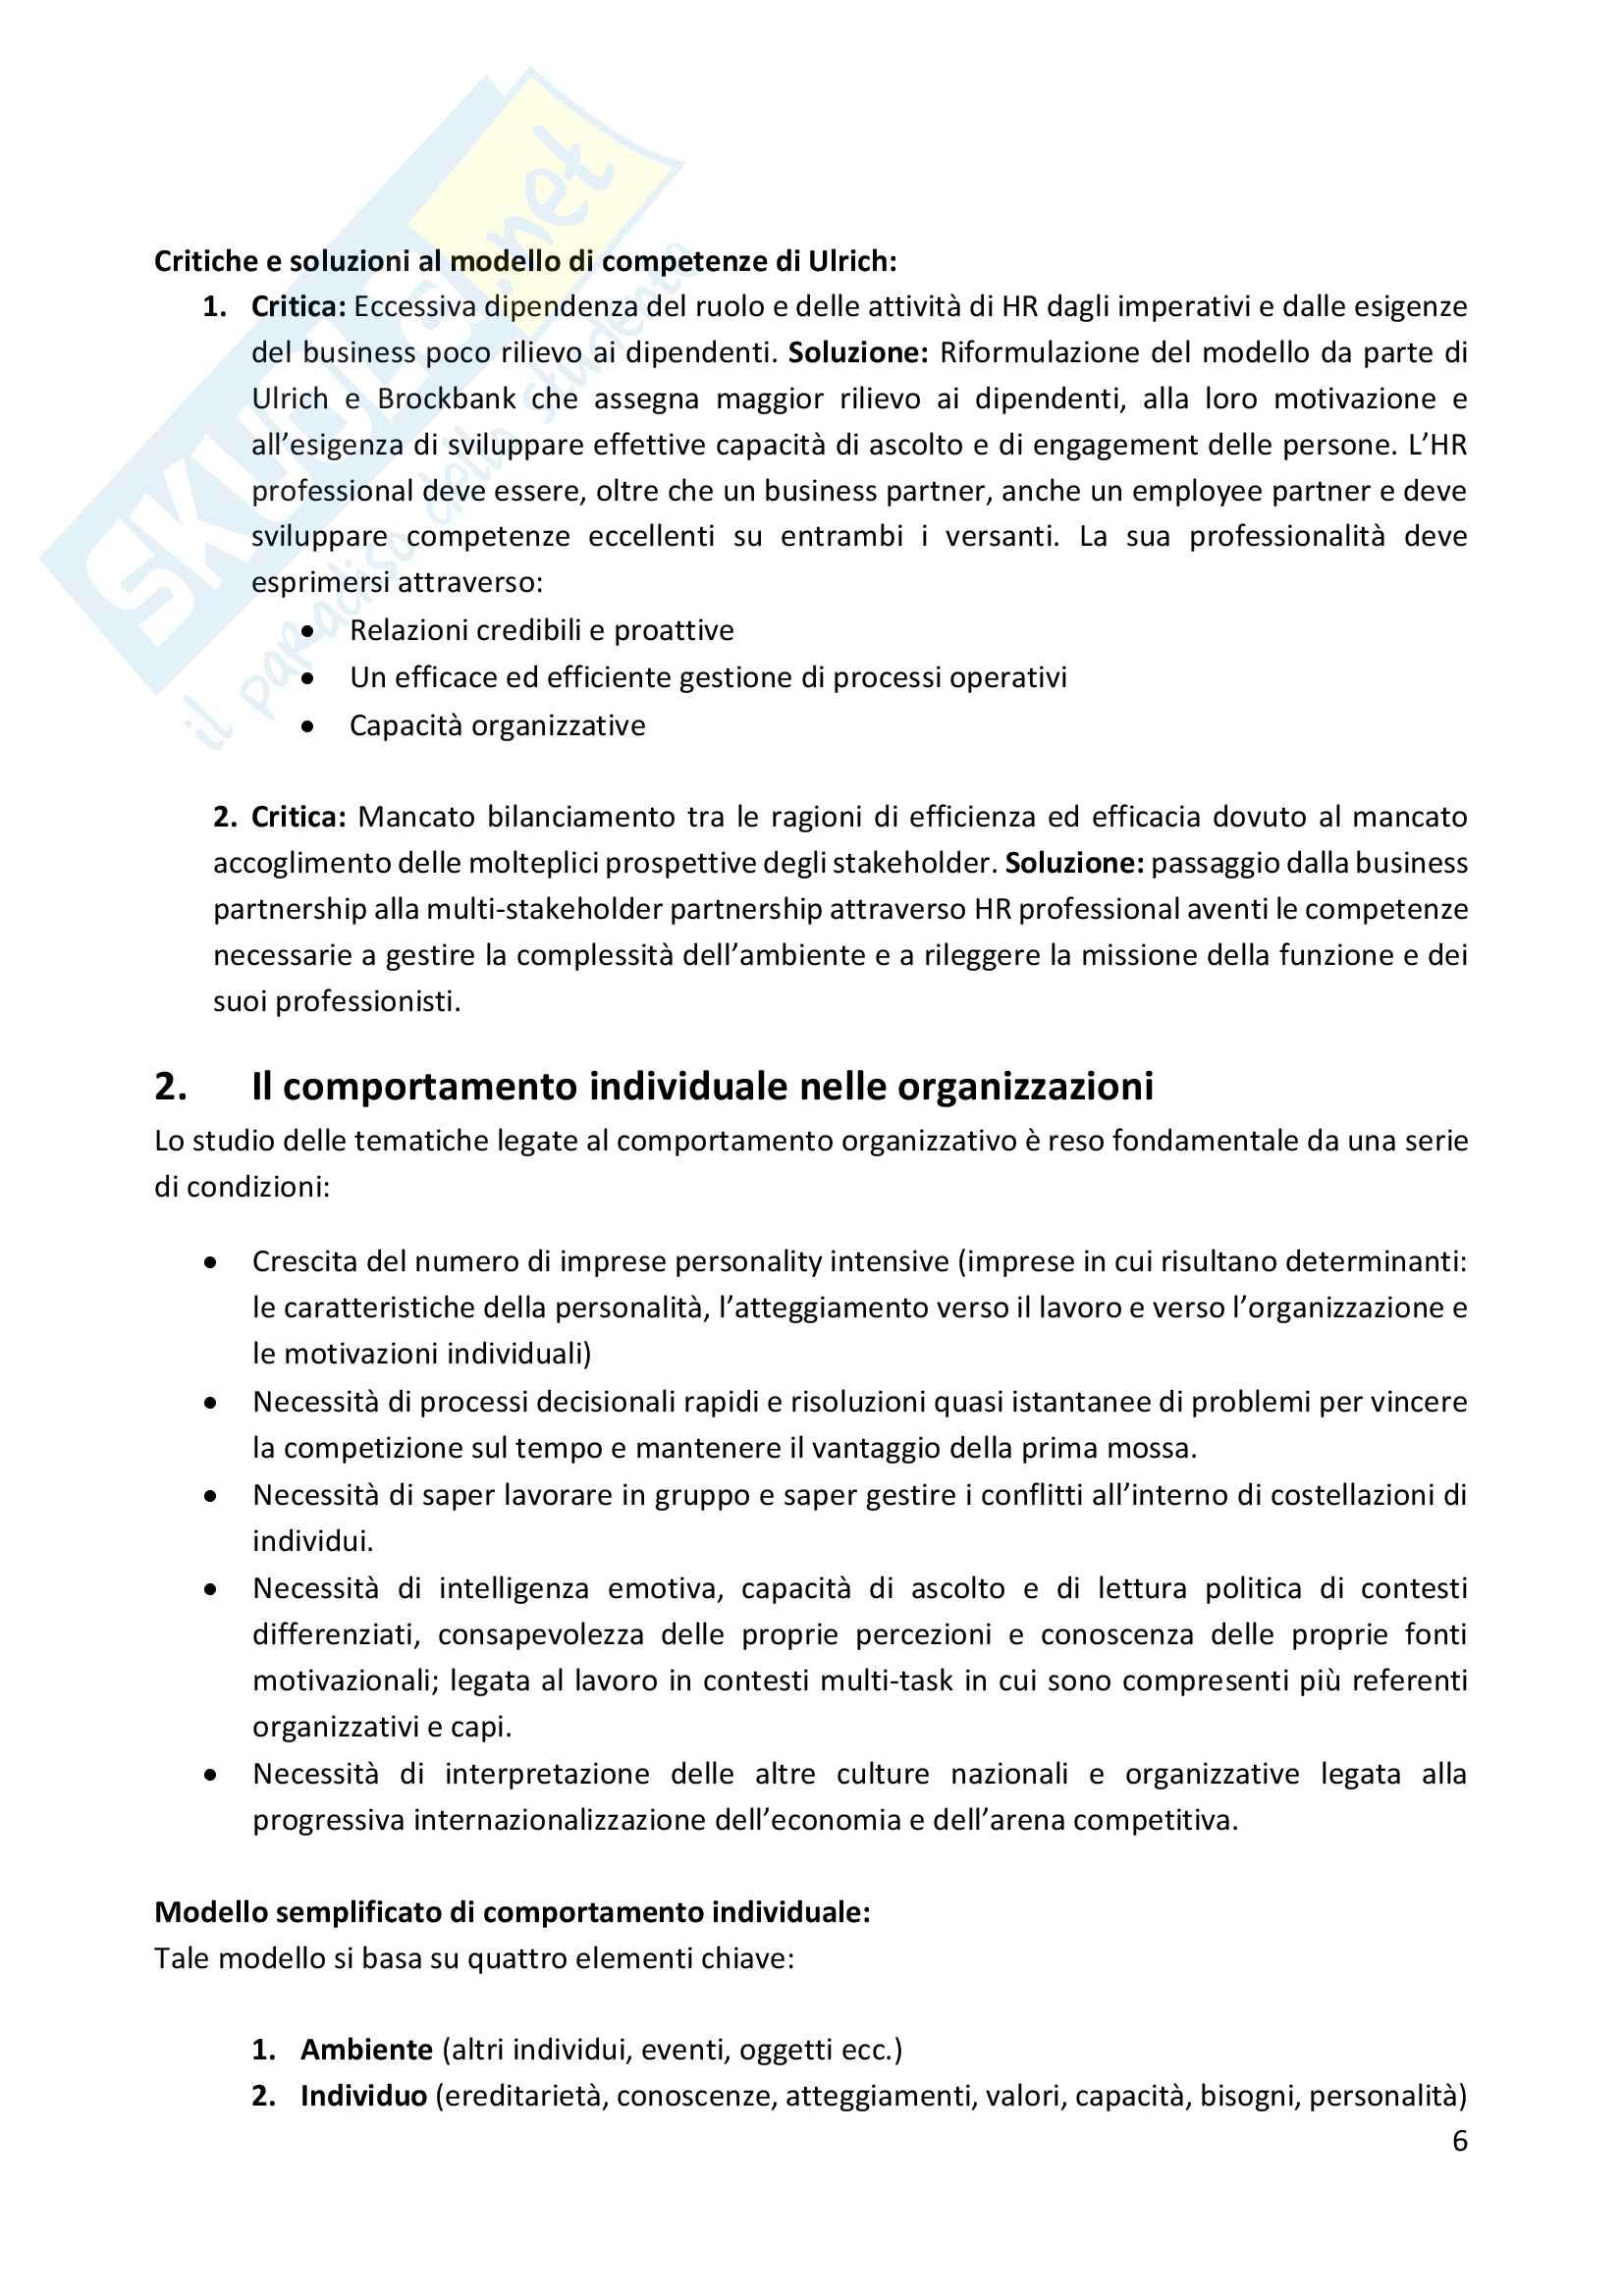 Organizzazione e gestione delle risorse umane - Gabriele Gabrielli Pag. 6